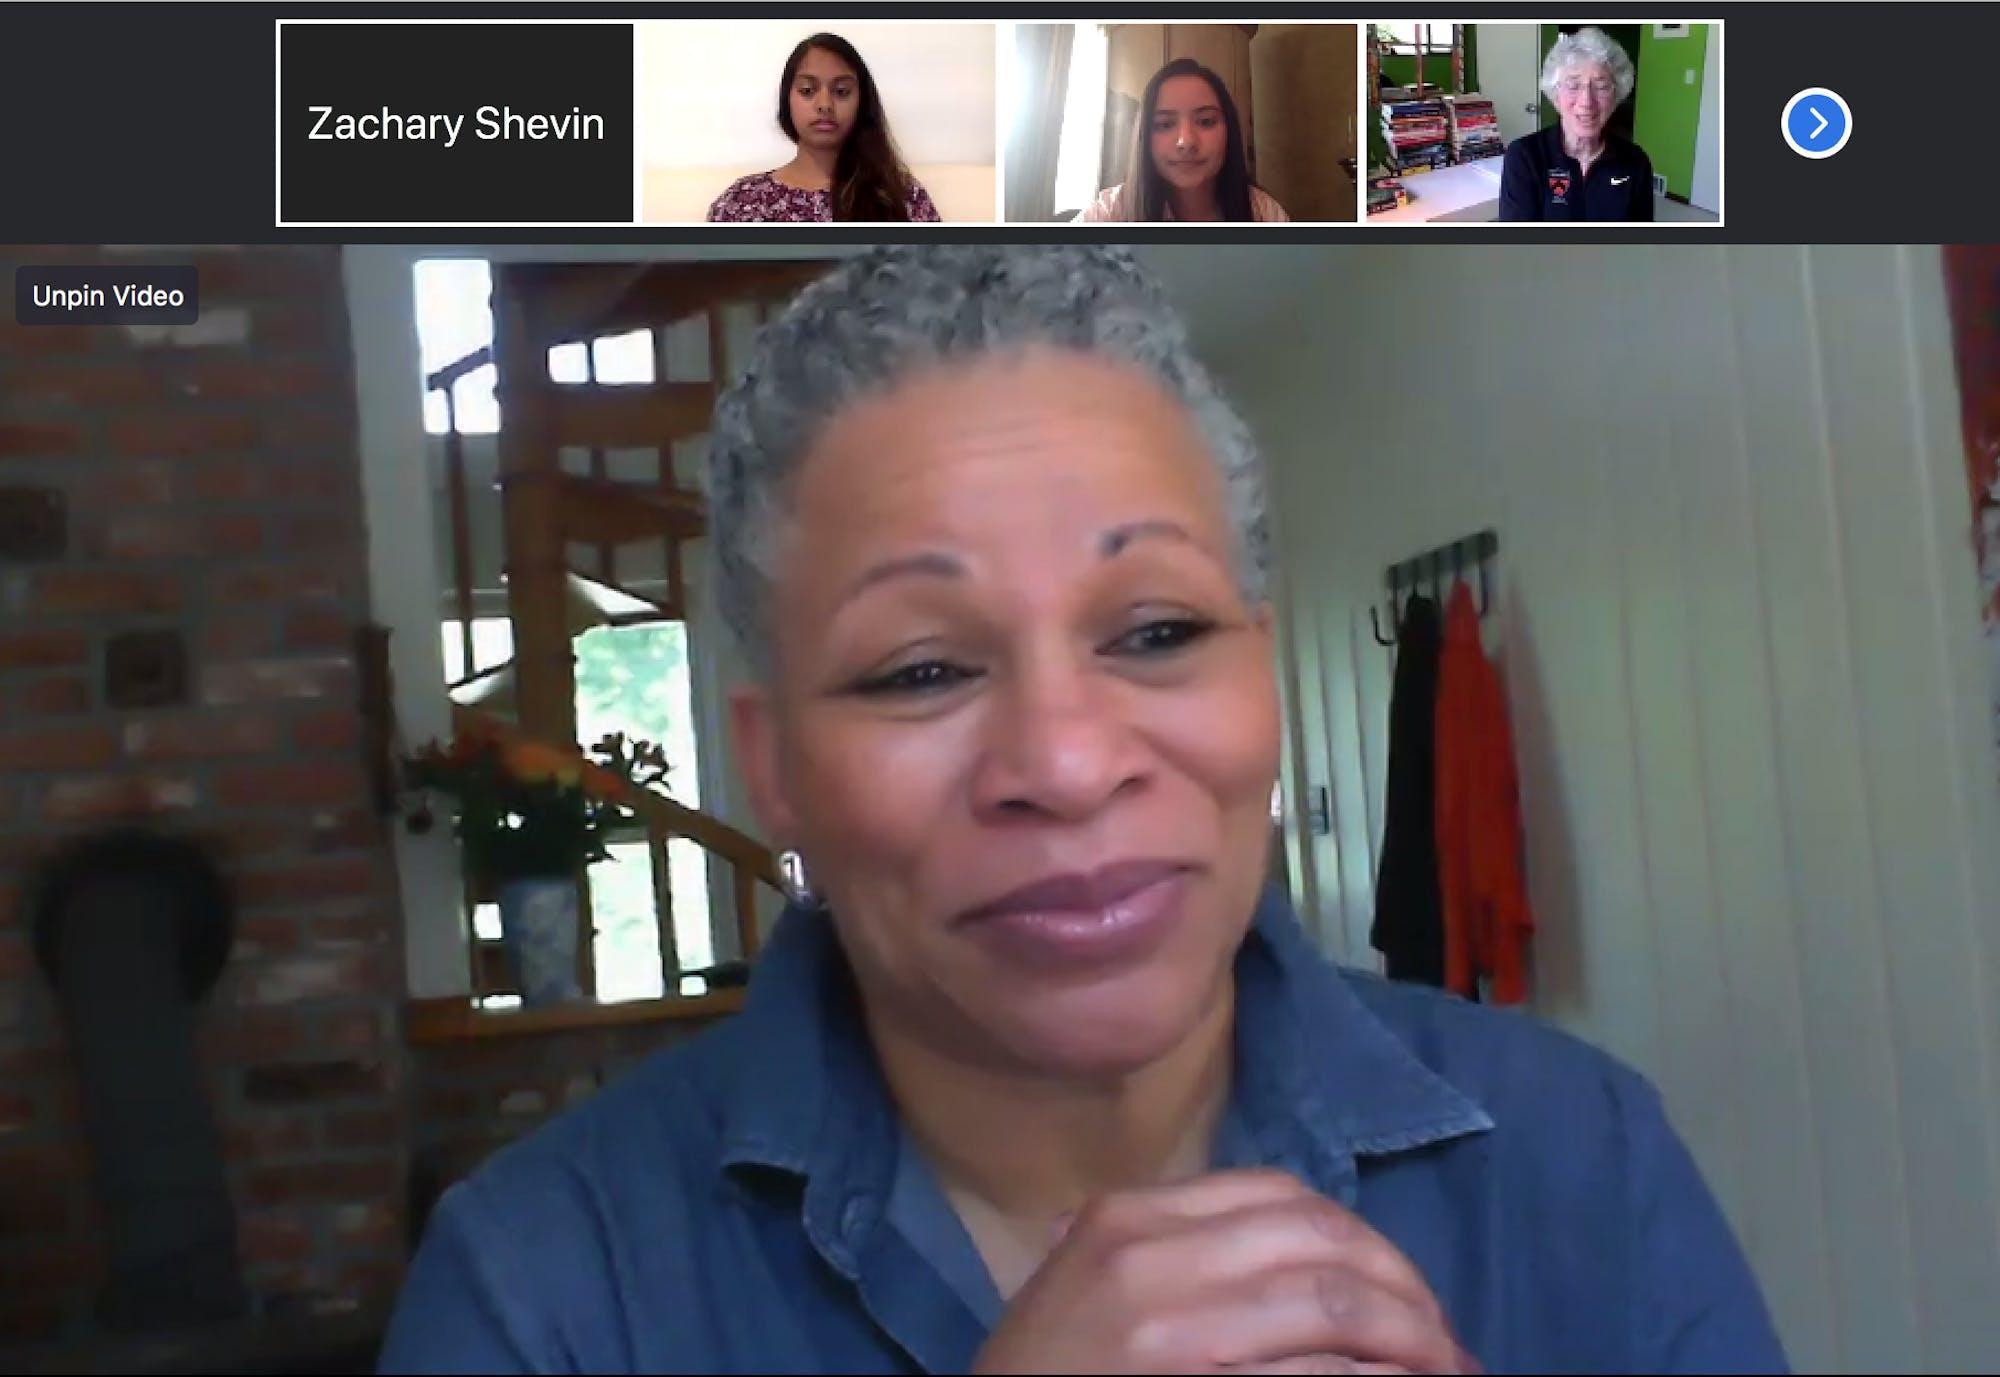 screen-shot-2020-05-26-at-1-25-57-pm